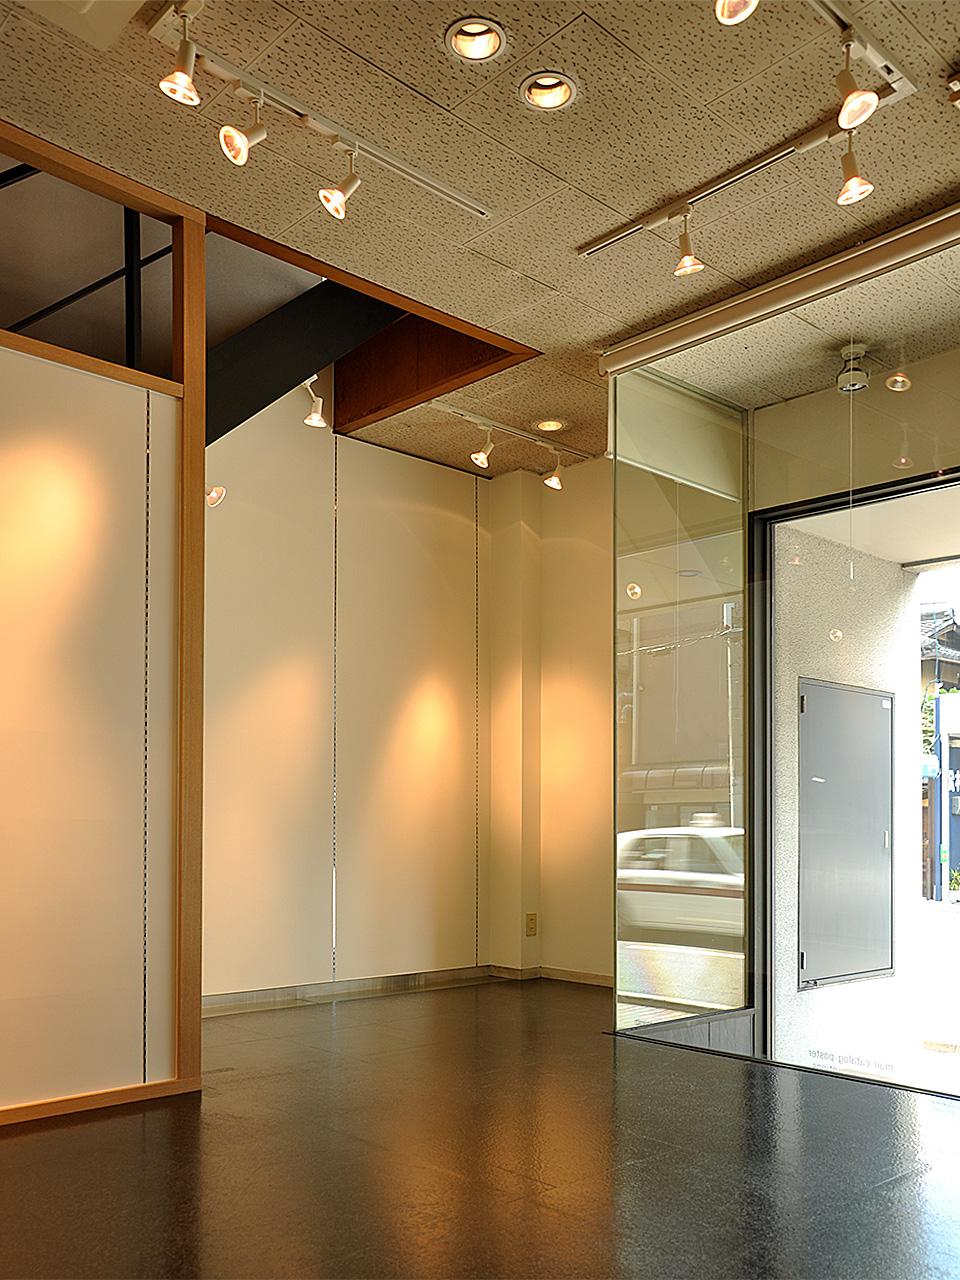 ギャラリー&ショップ唐船屋 店内(商品と棚を撤去した状態)